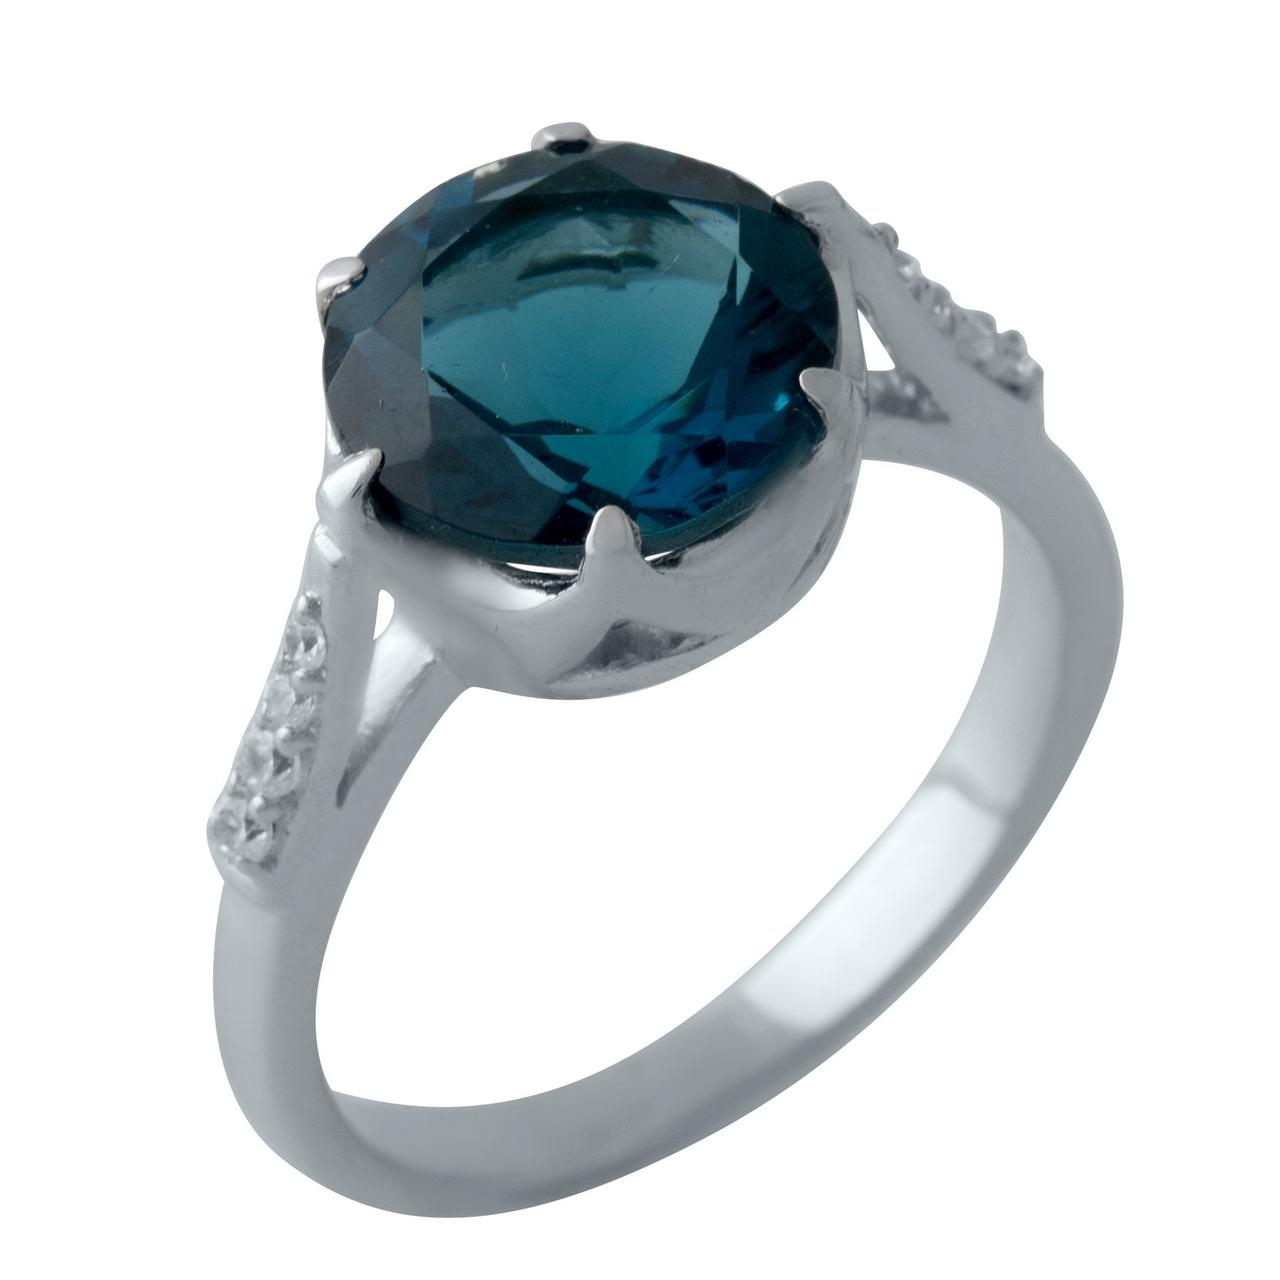 Серебряное кольцо DreamJewelry с натуральным топазом Лондон Блю 3.06ct (2012412) 17.5 размер